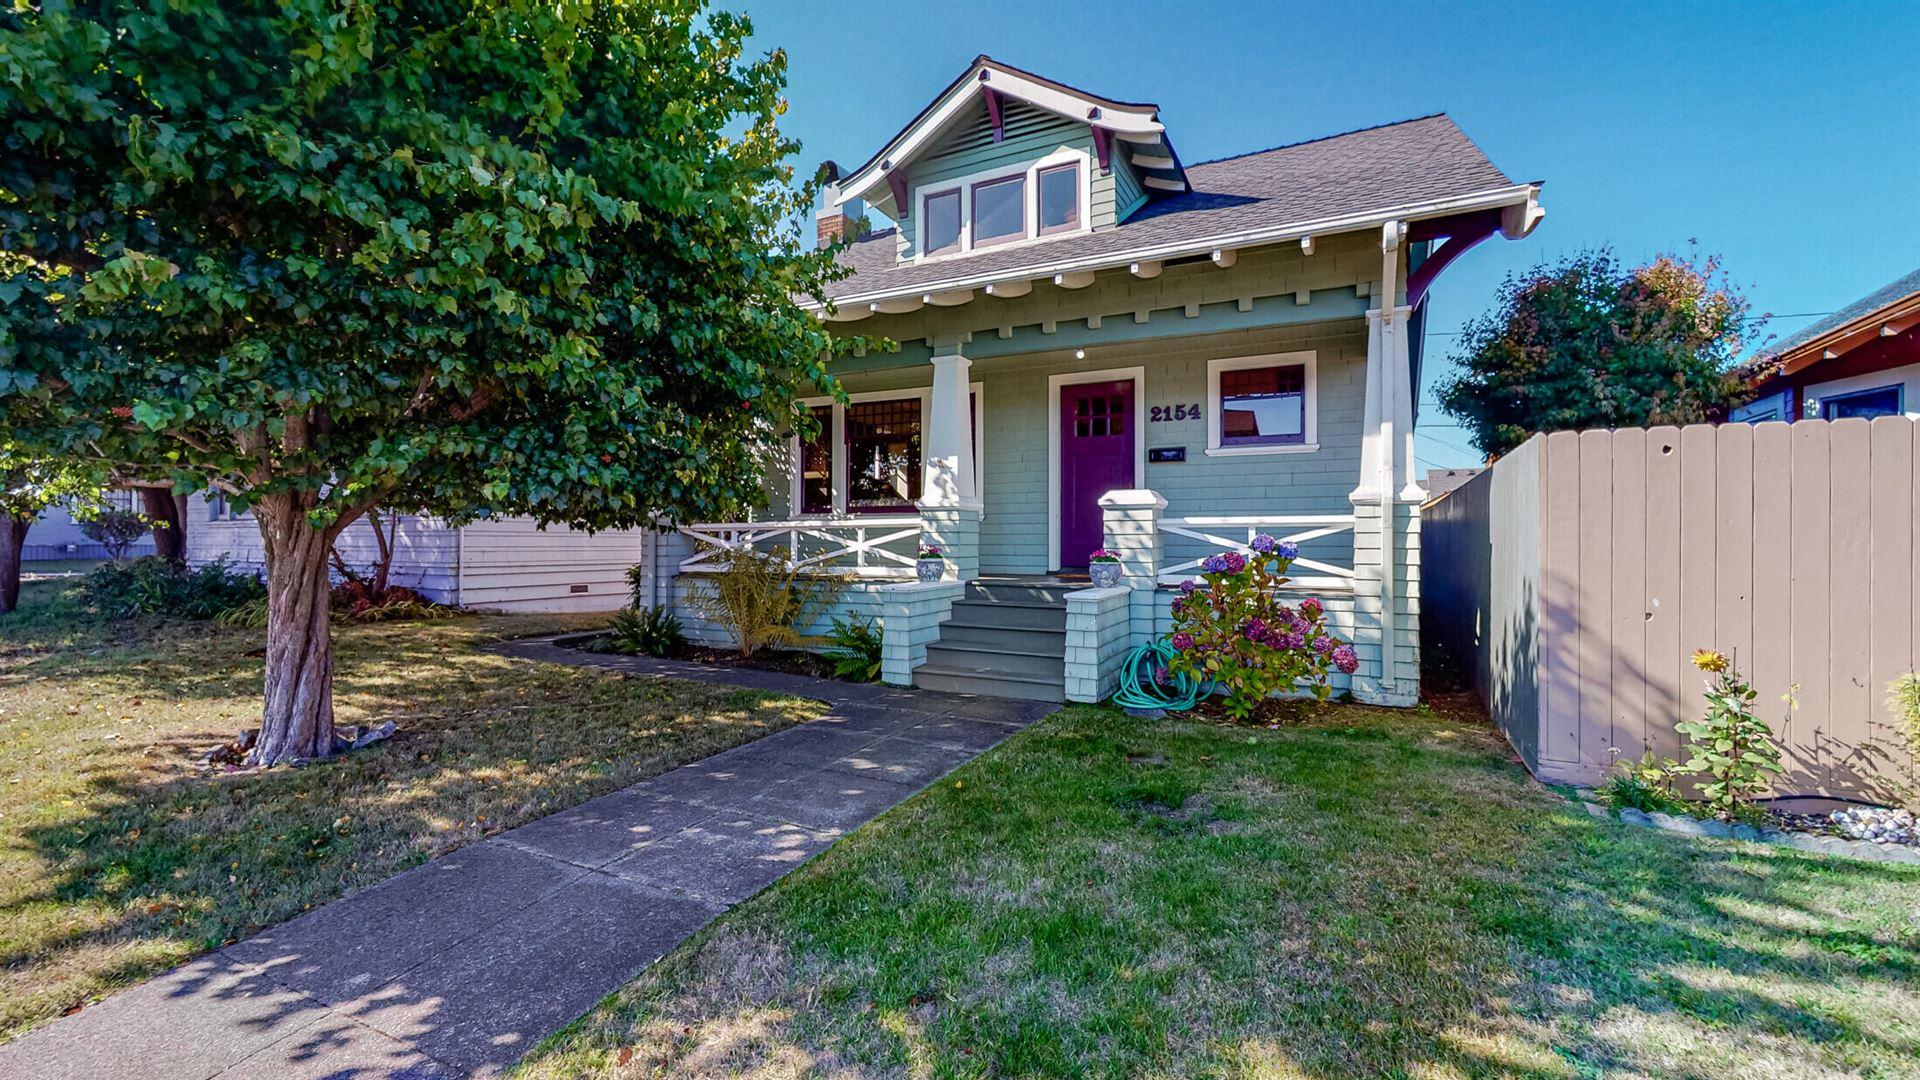 2154 B Street, Eureka, CA 95501 - MLS#: 260375